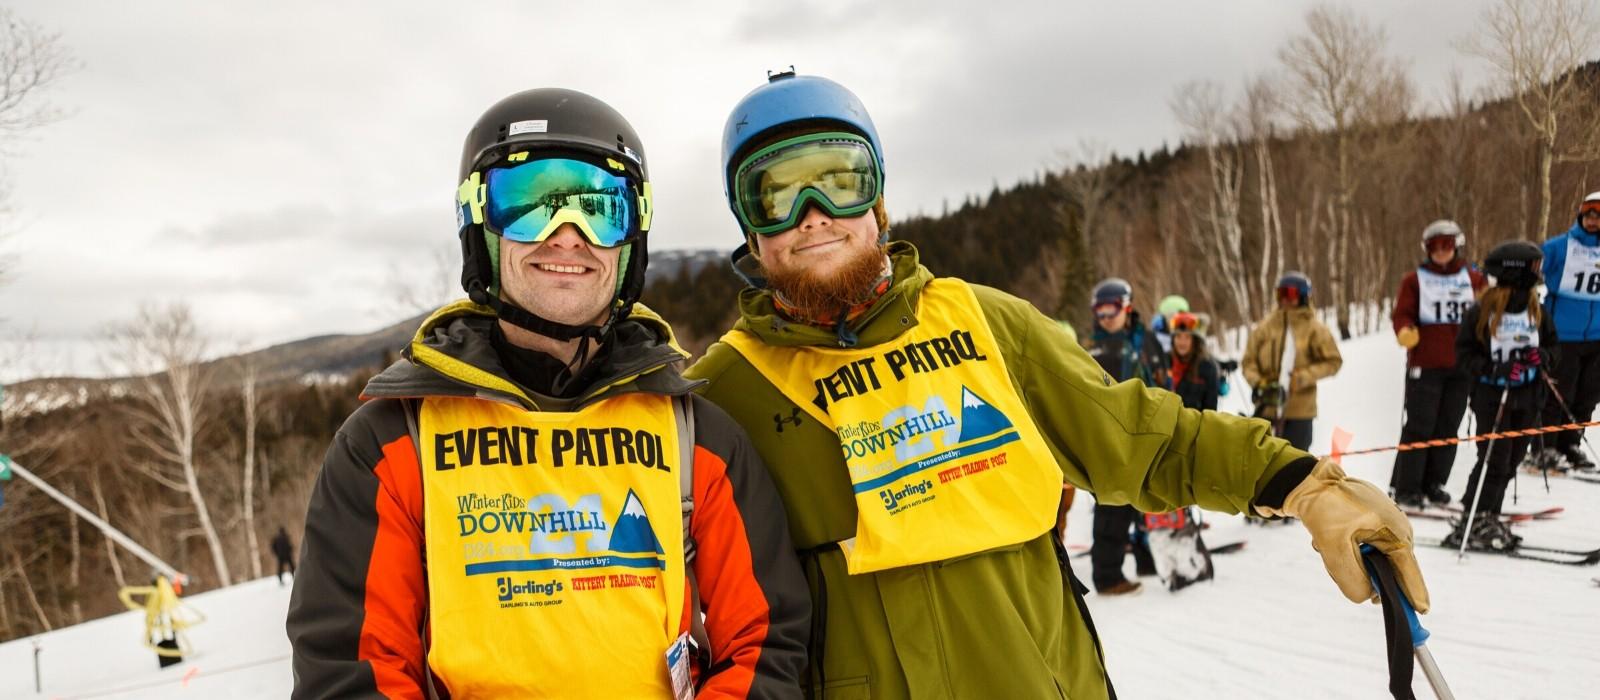 WinterKids volunteers at D24 2020